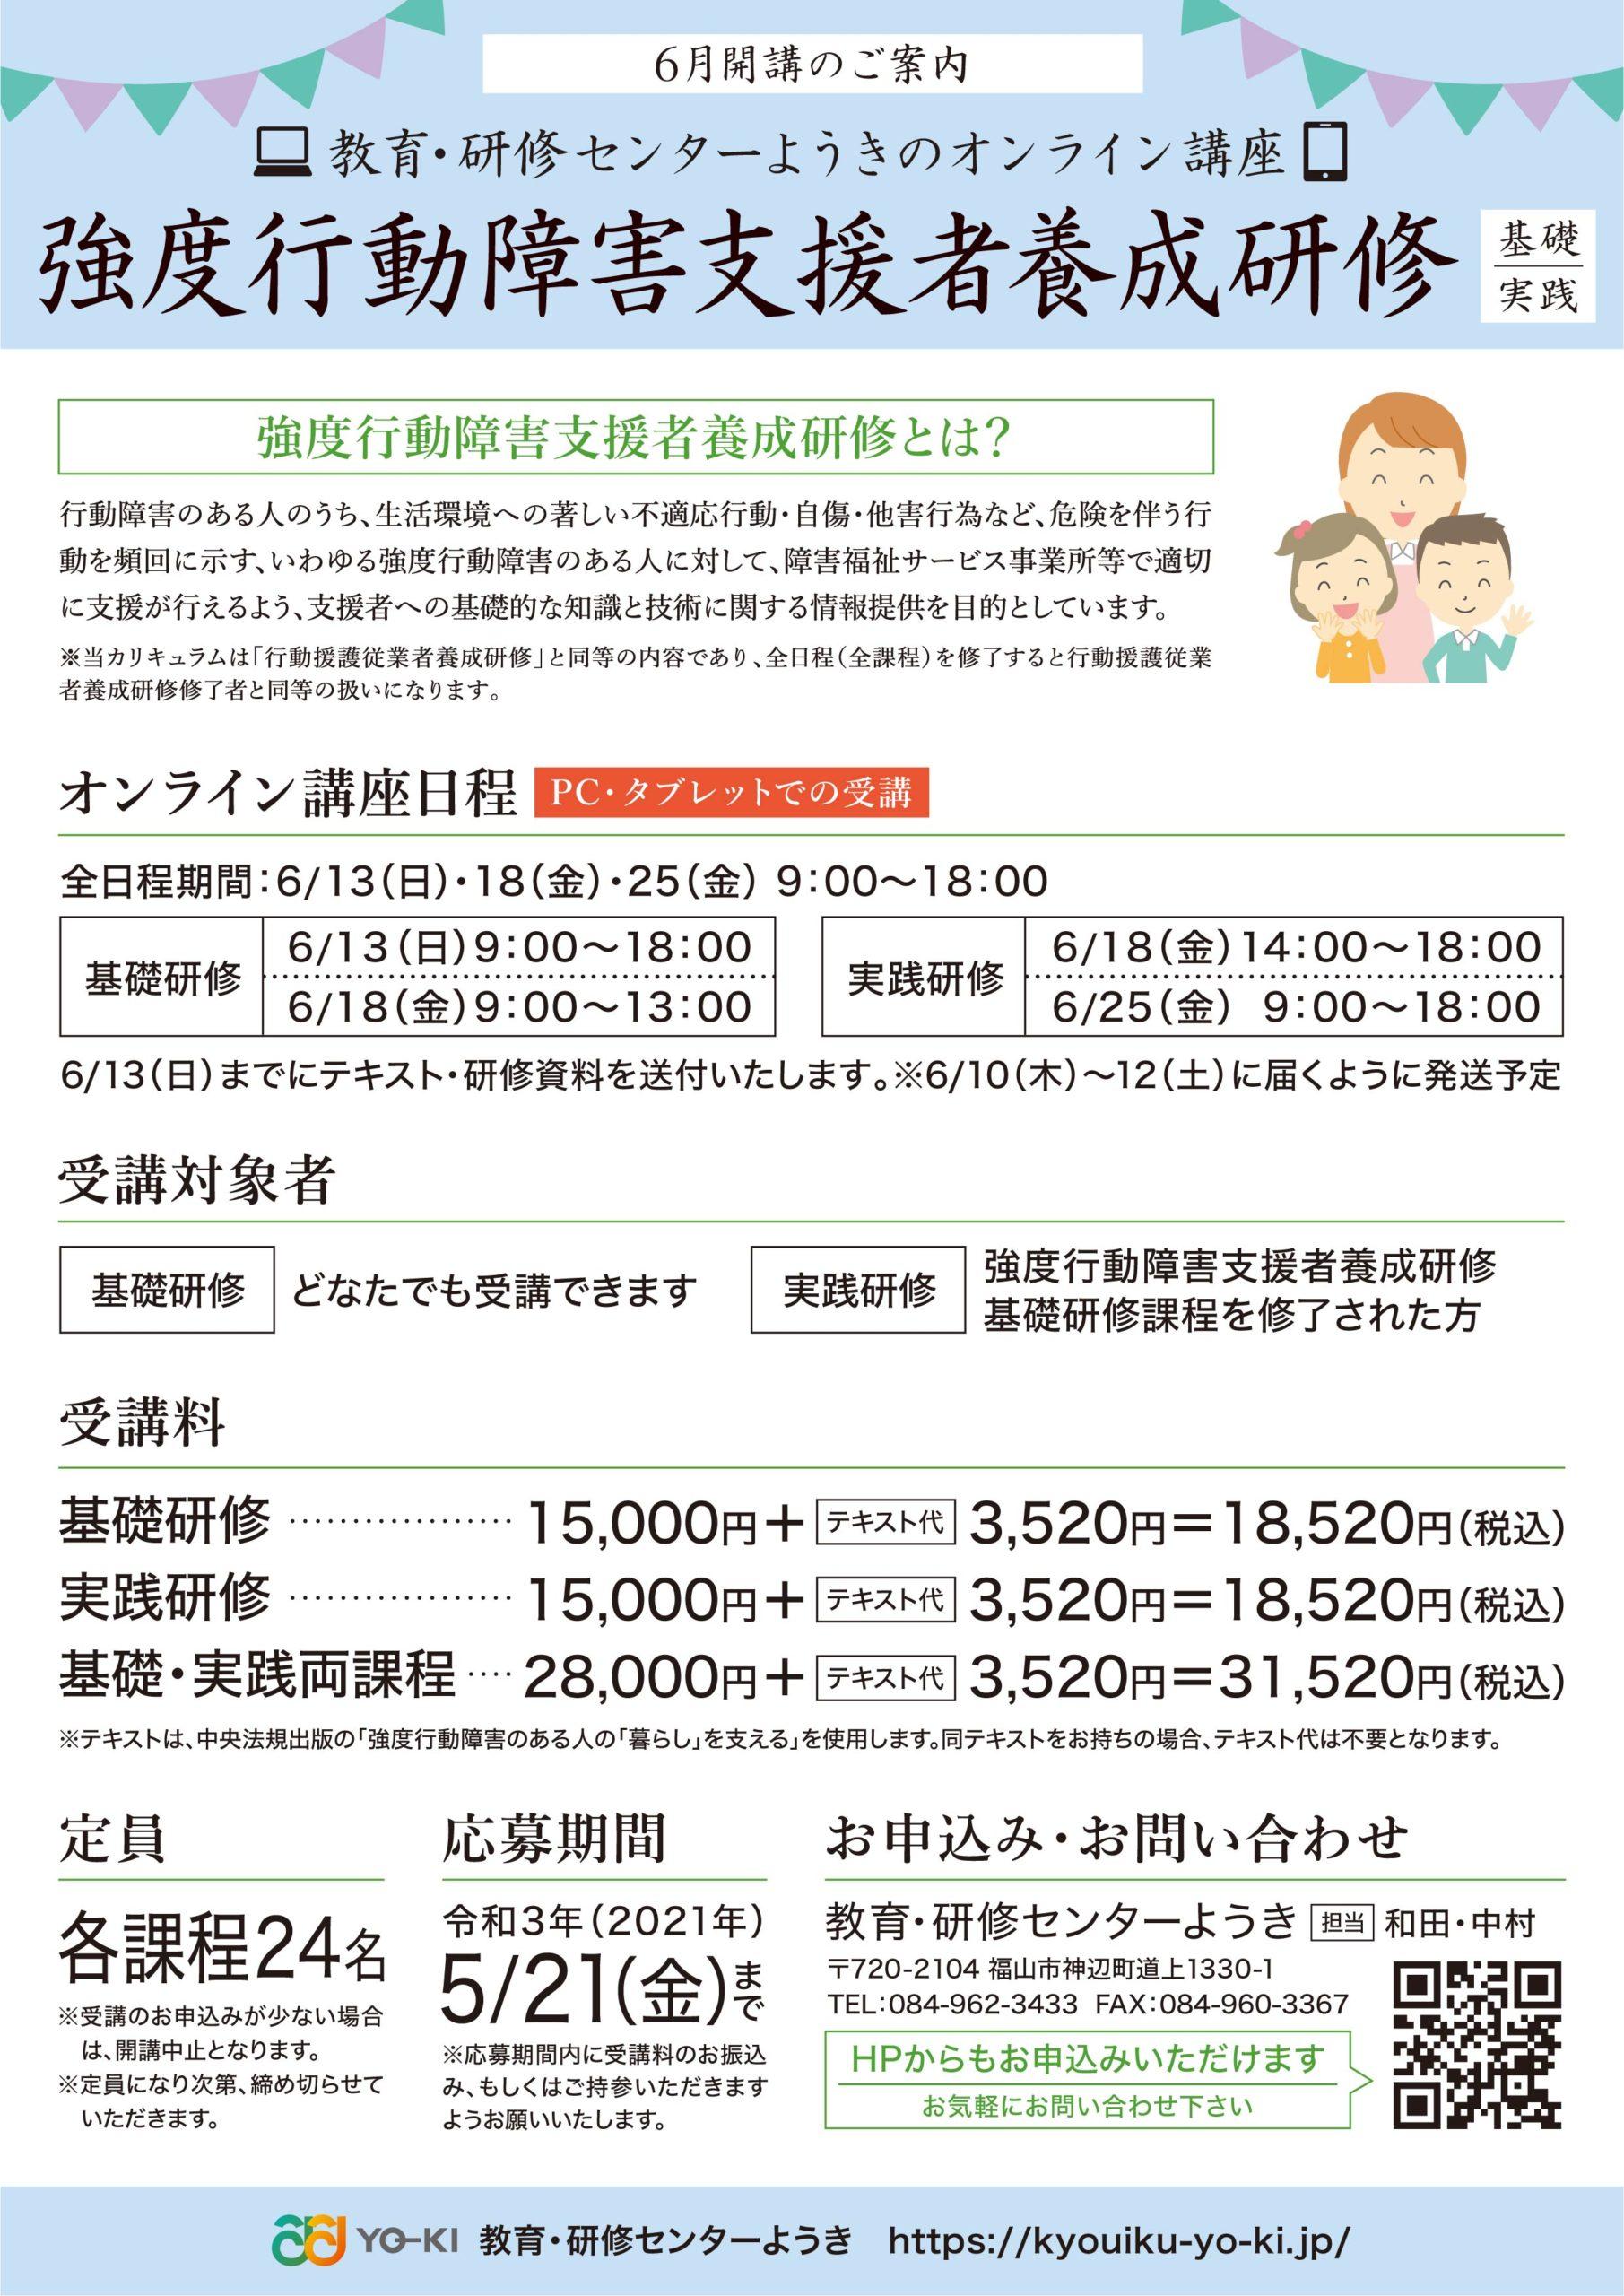 強度行動障害支援者養成研修チラシ(2021-06)オンライン-オモテ